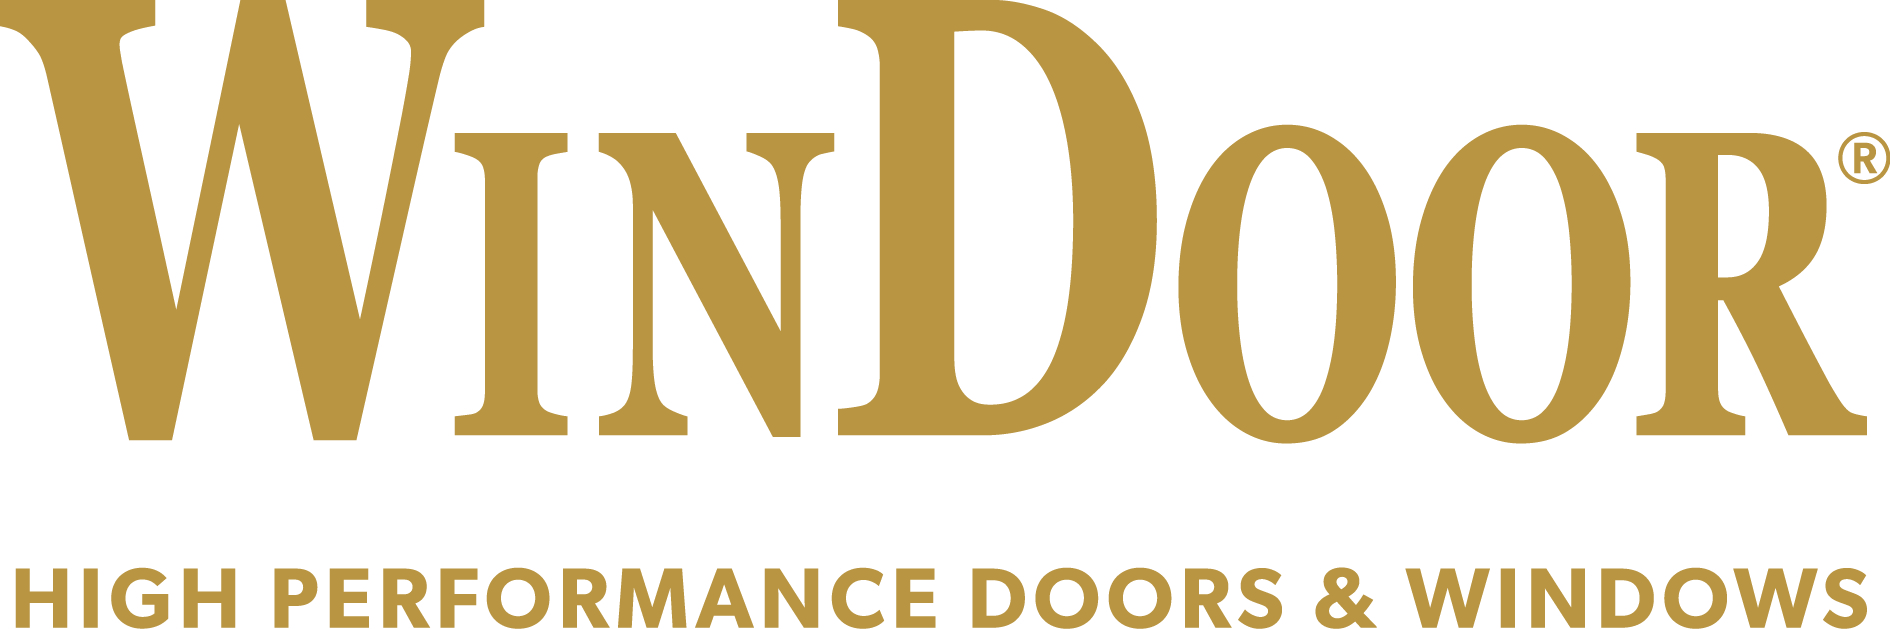 Windoor Windows Brands Window Classics